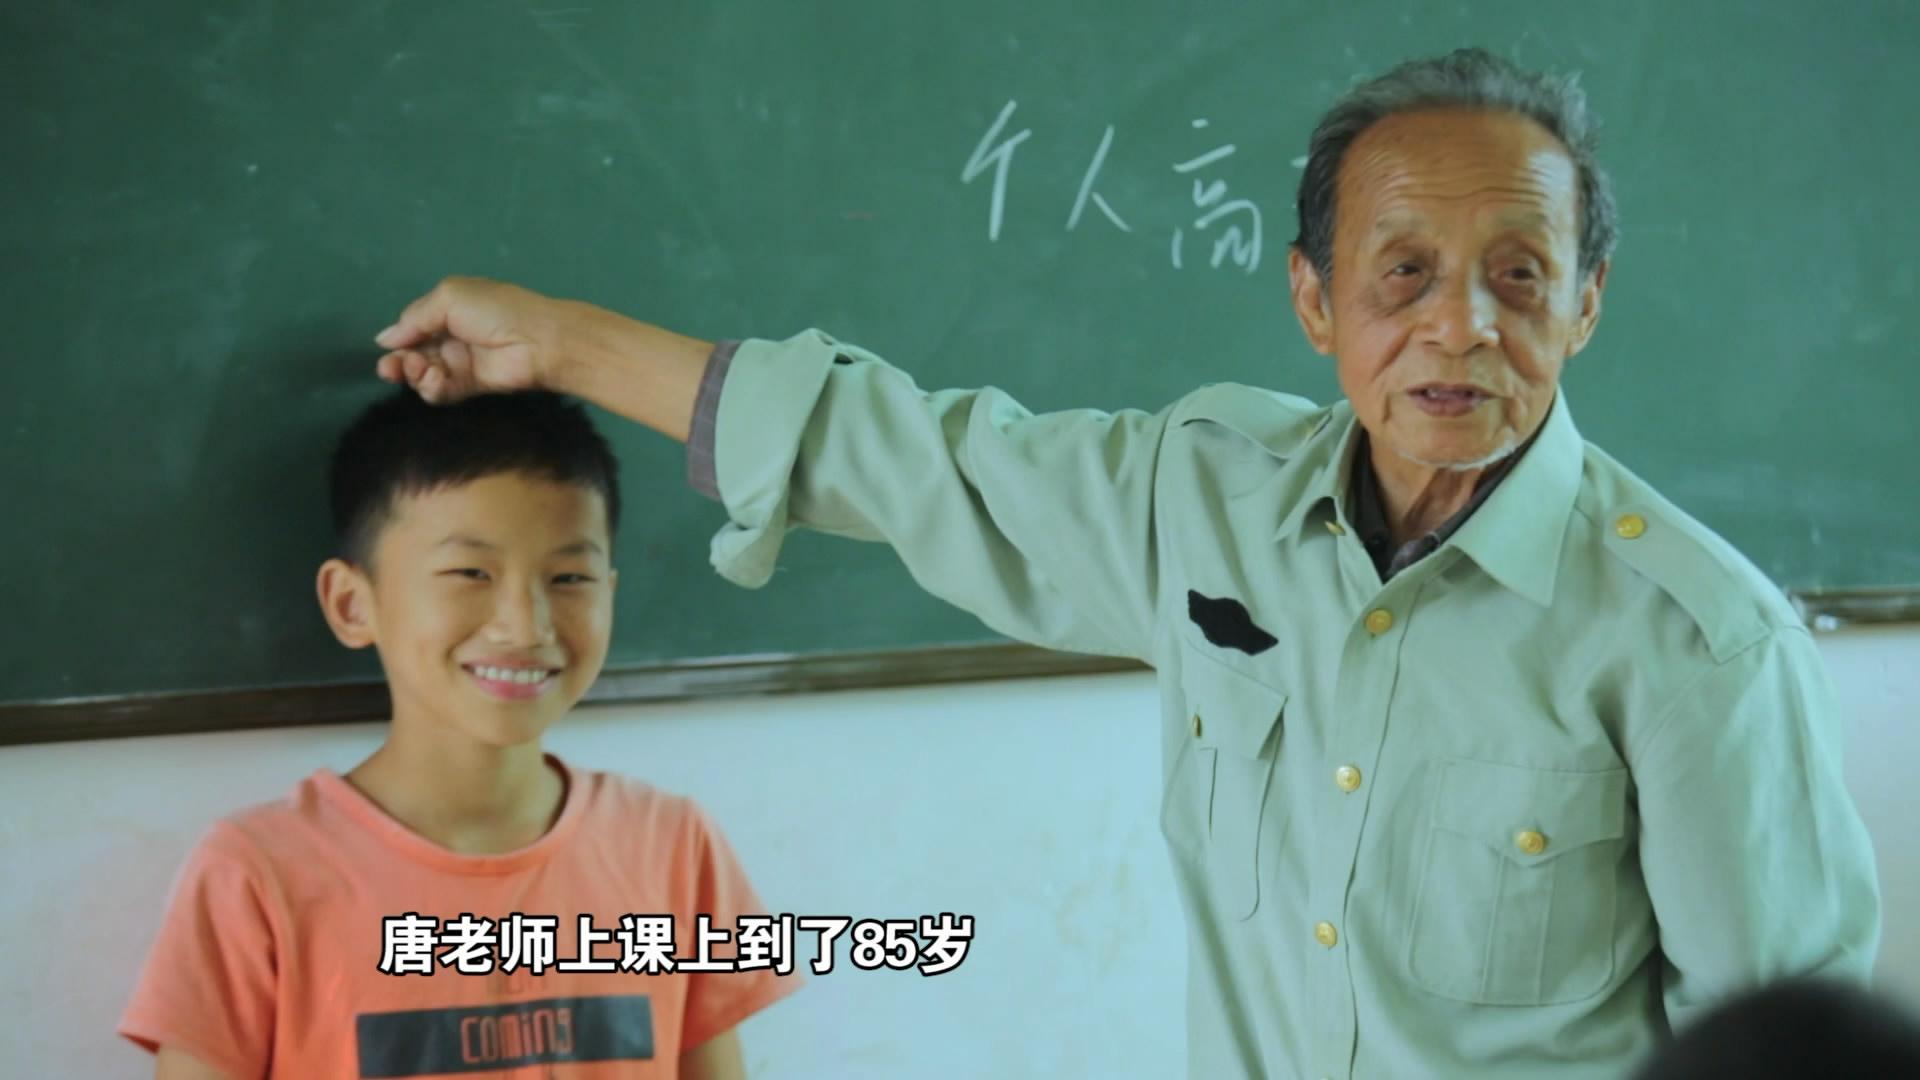 P1-大学生体验湖南好人唐延禄[00_06_58][20181120-100201-0].JPG